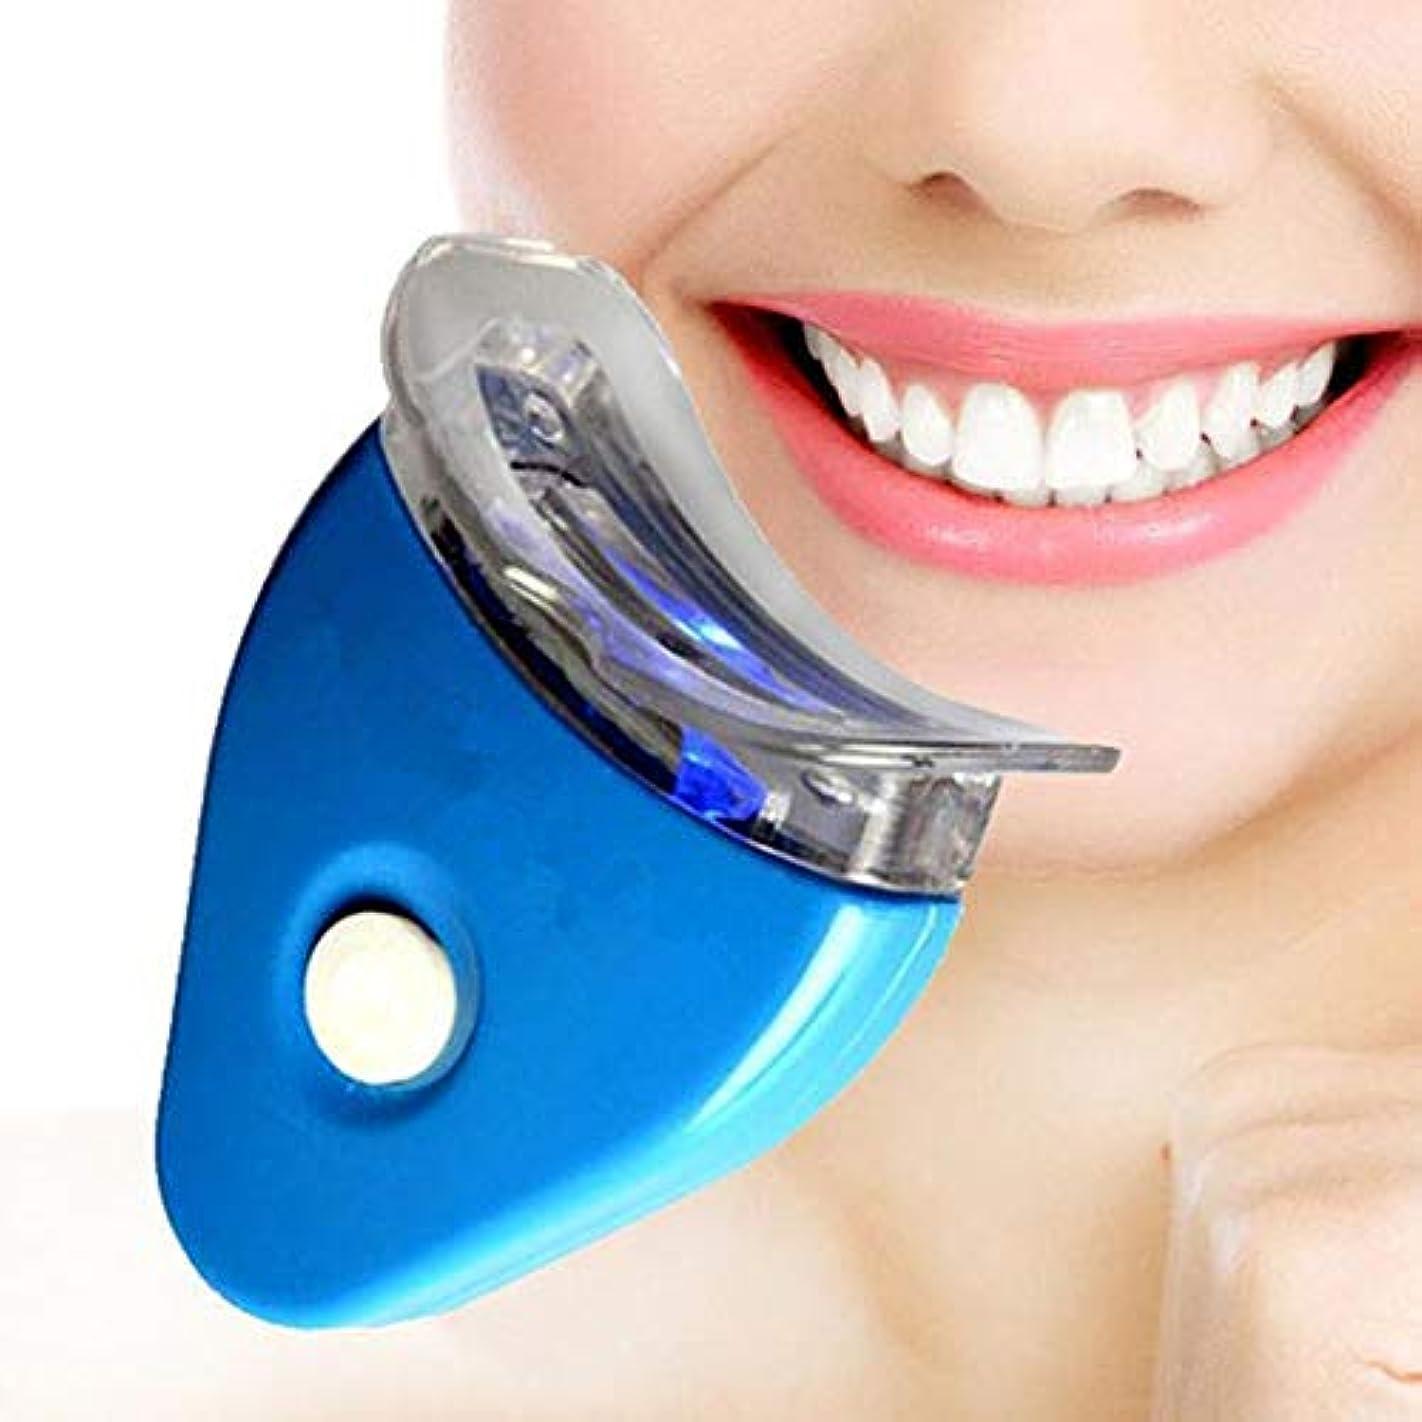 観察お風呂を持っている流産歯のホワイトニングキット、歯磨き粉漂白健康な口腔ケア歯磨き粉個人用歯科キット/健康な口腔ケア、LEDライト付き